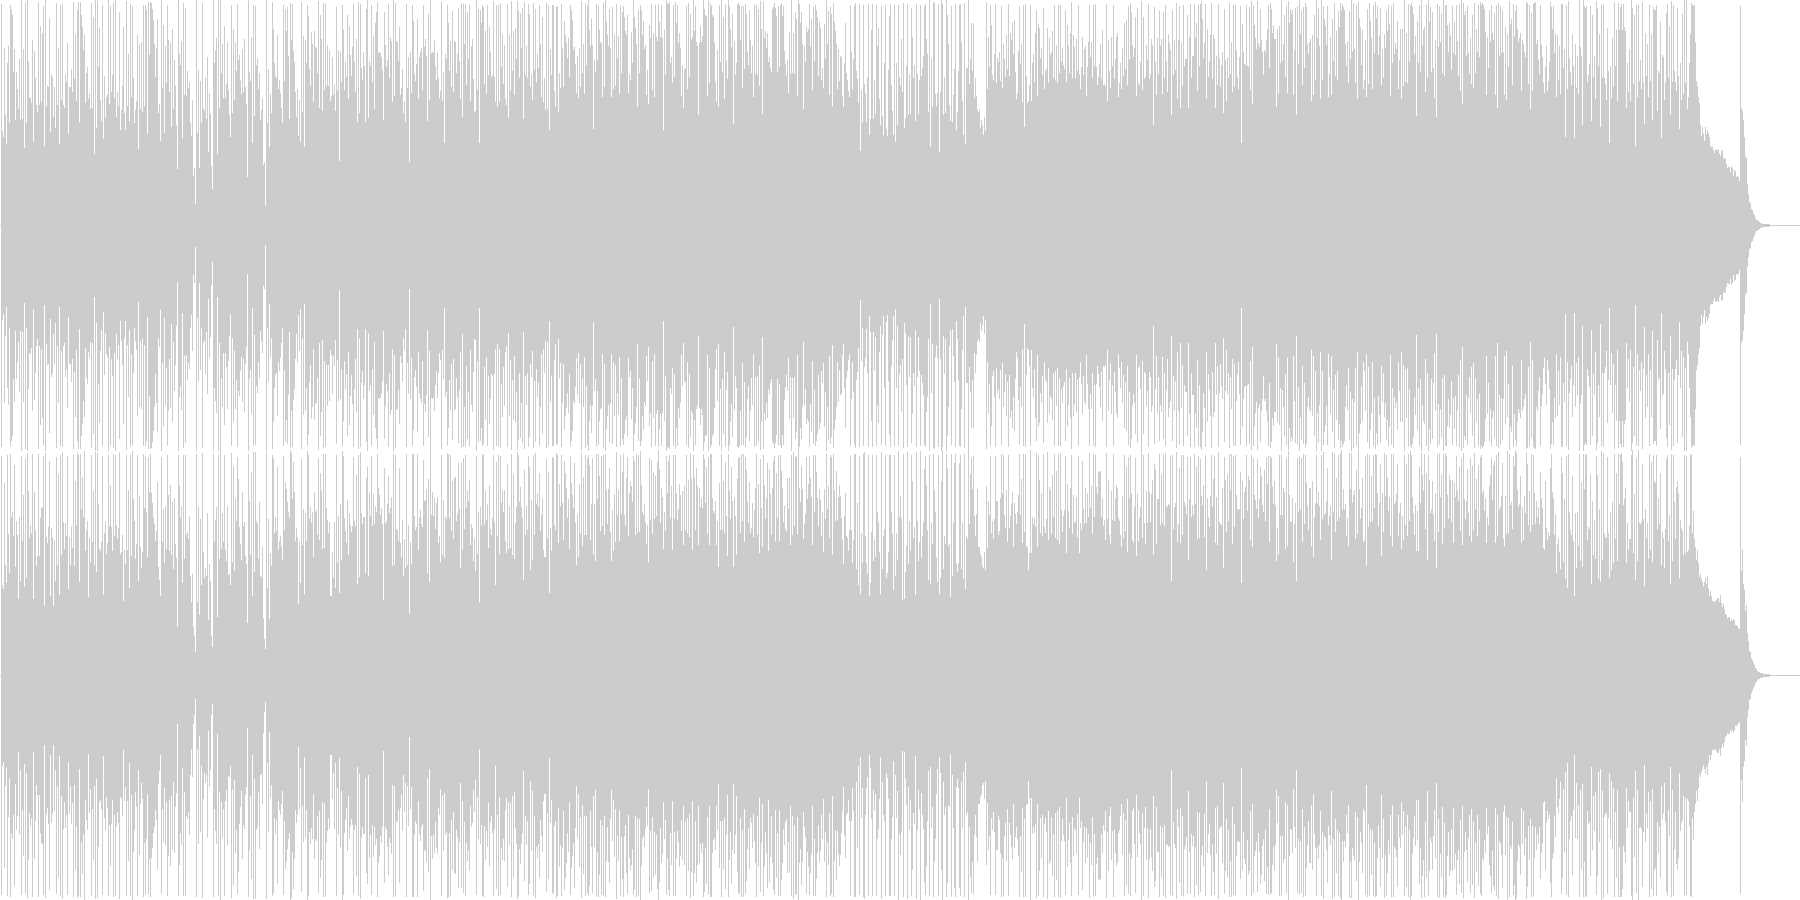 オシャレで軽快なシティポップ Vo 有の未再生の波形